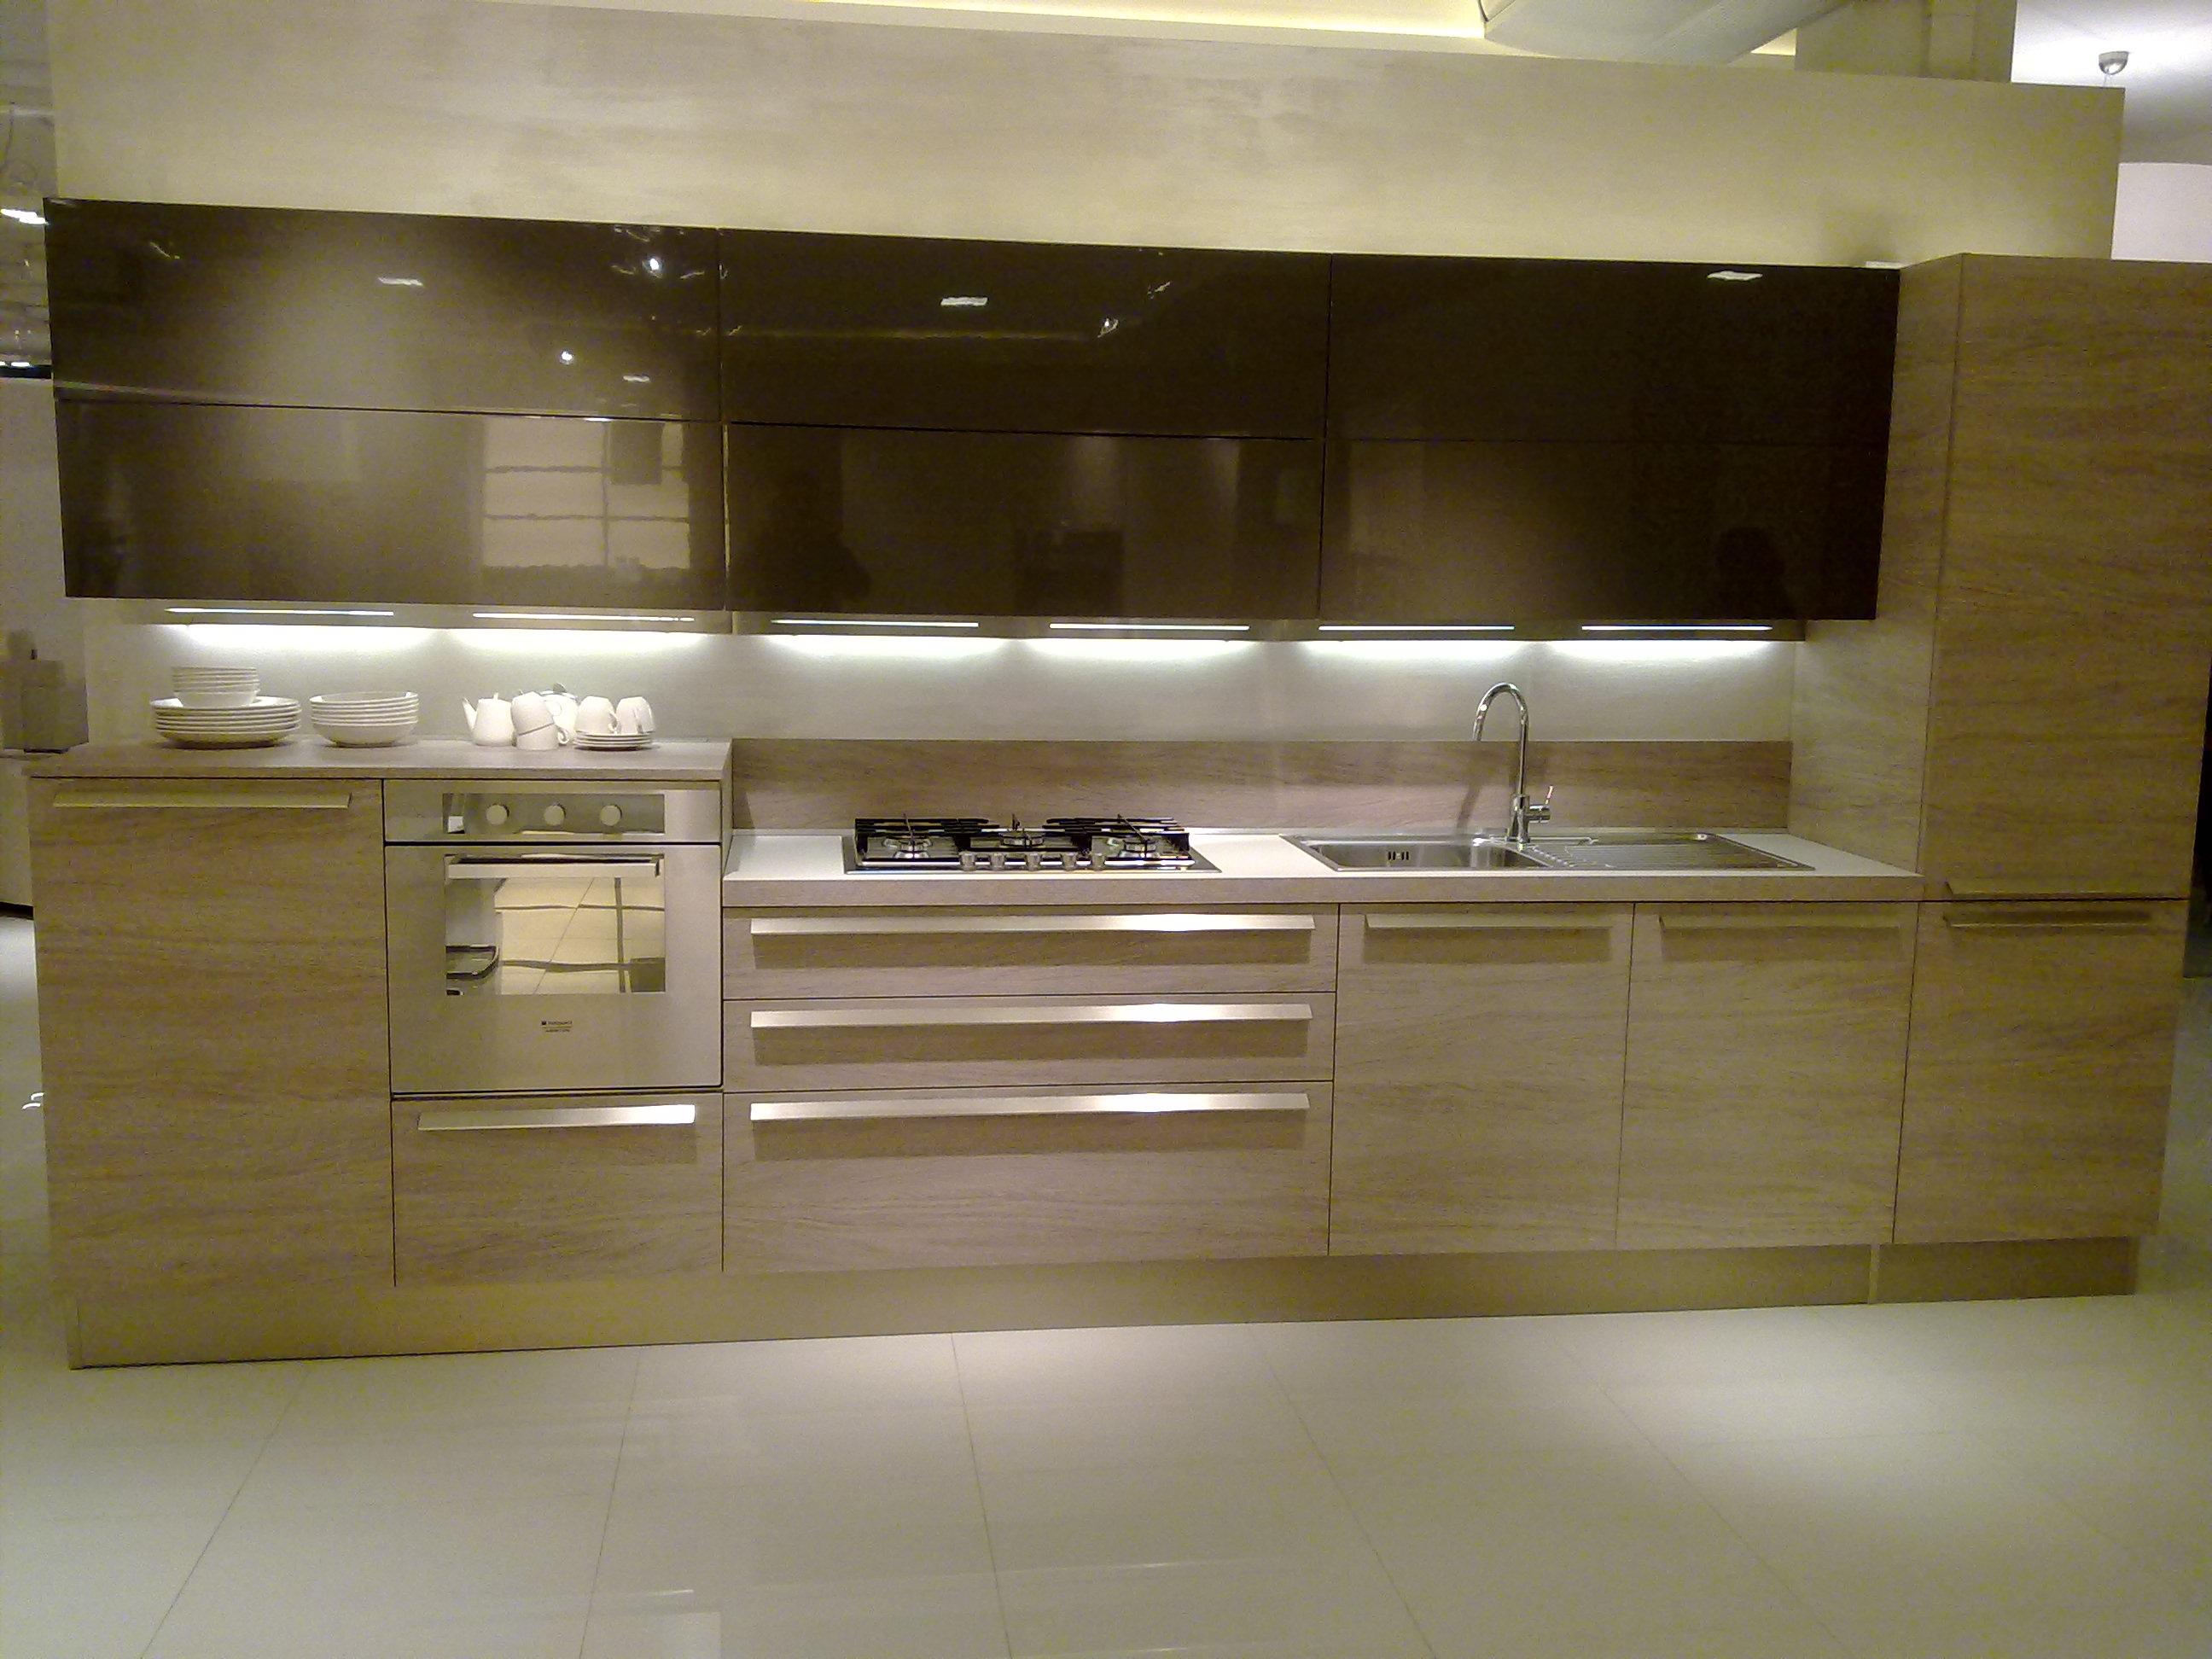 Cucina Veneta Cucine Ethica scontato del -55 % - Cucine a prezzi ...